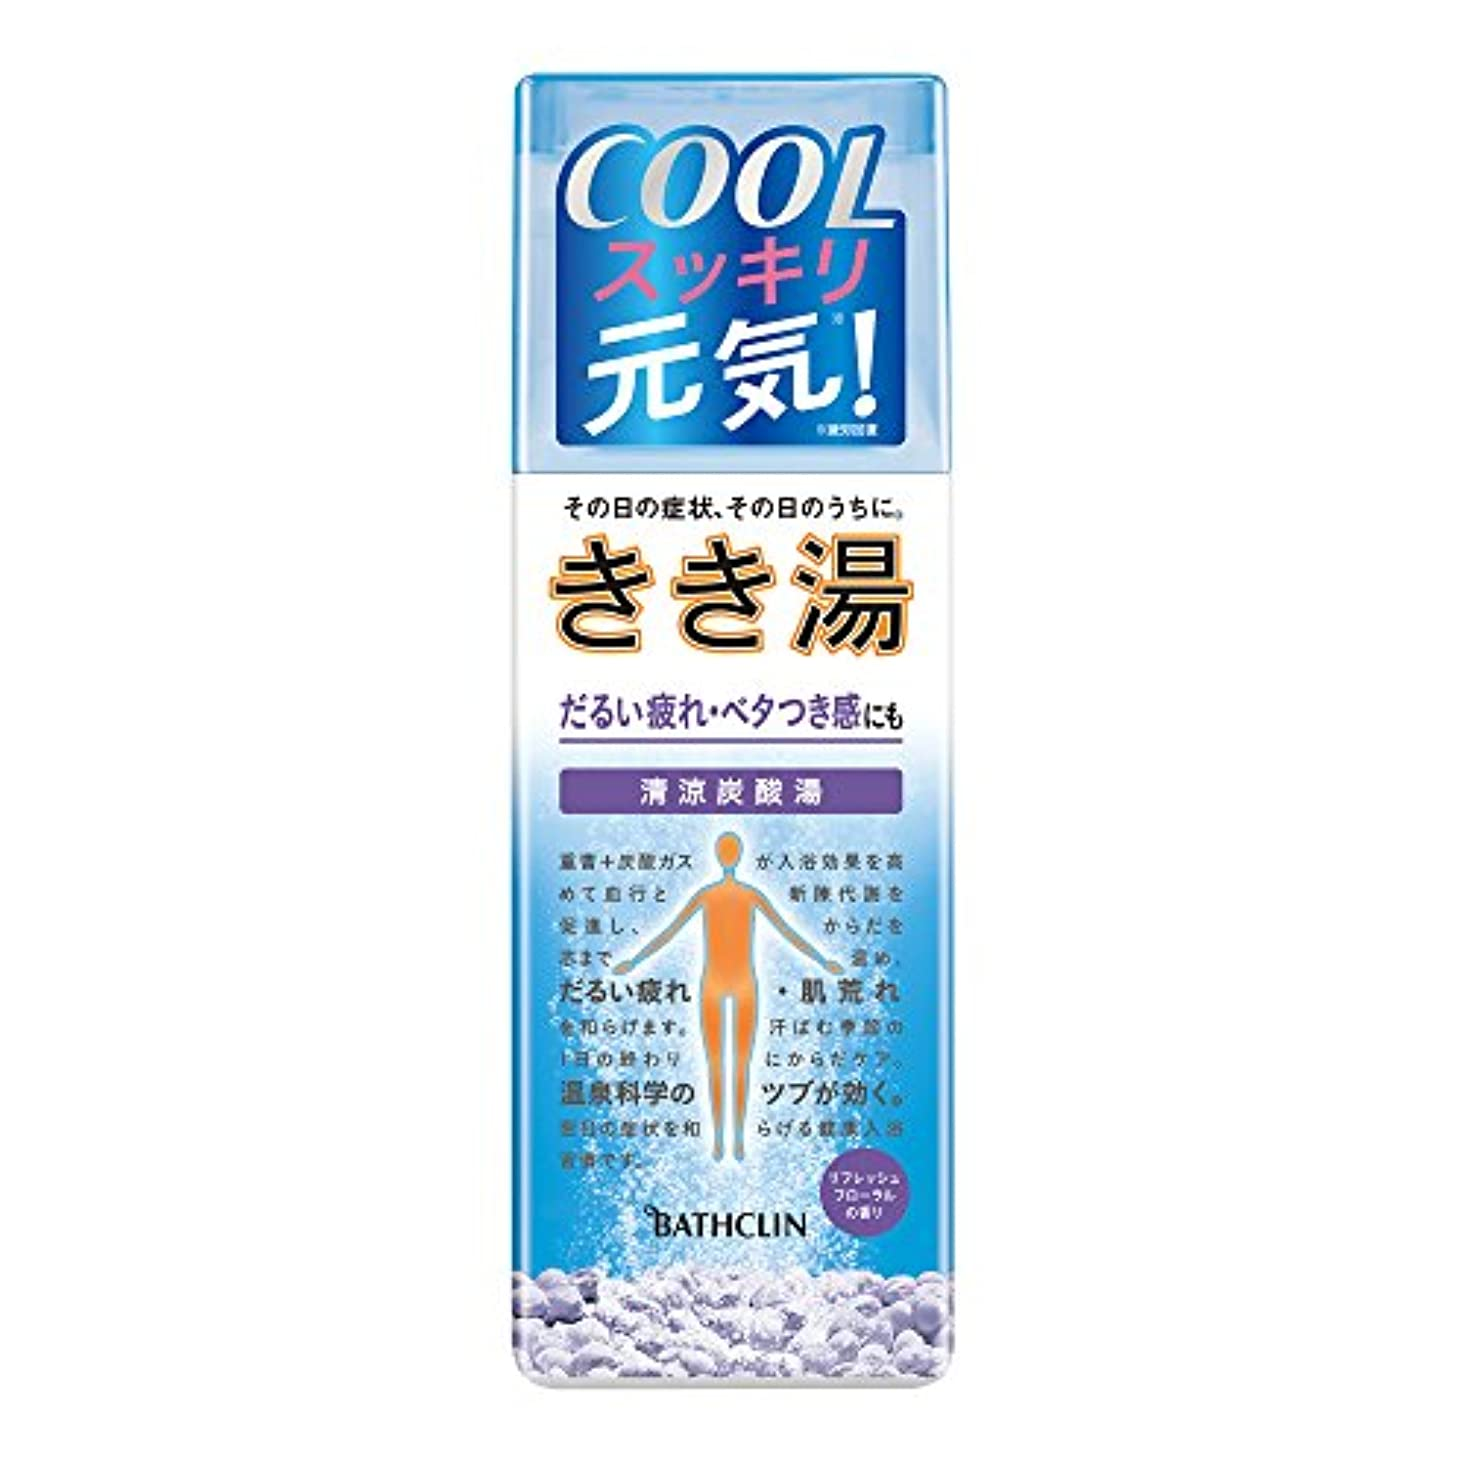 免疫遠え呼び出す【医薬部外品】きき湯清涼炭酸湯リフレッシュフローラルの香り 360gマリンブルーの湯透明タイプ 入浴剤